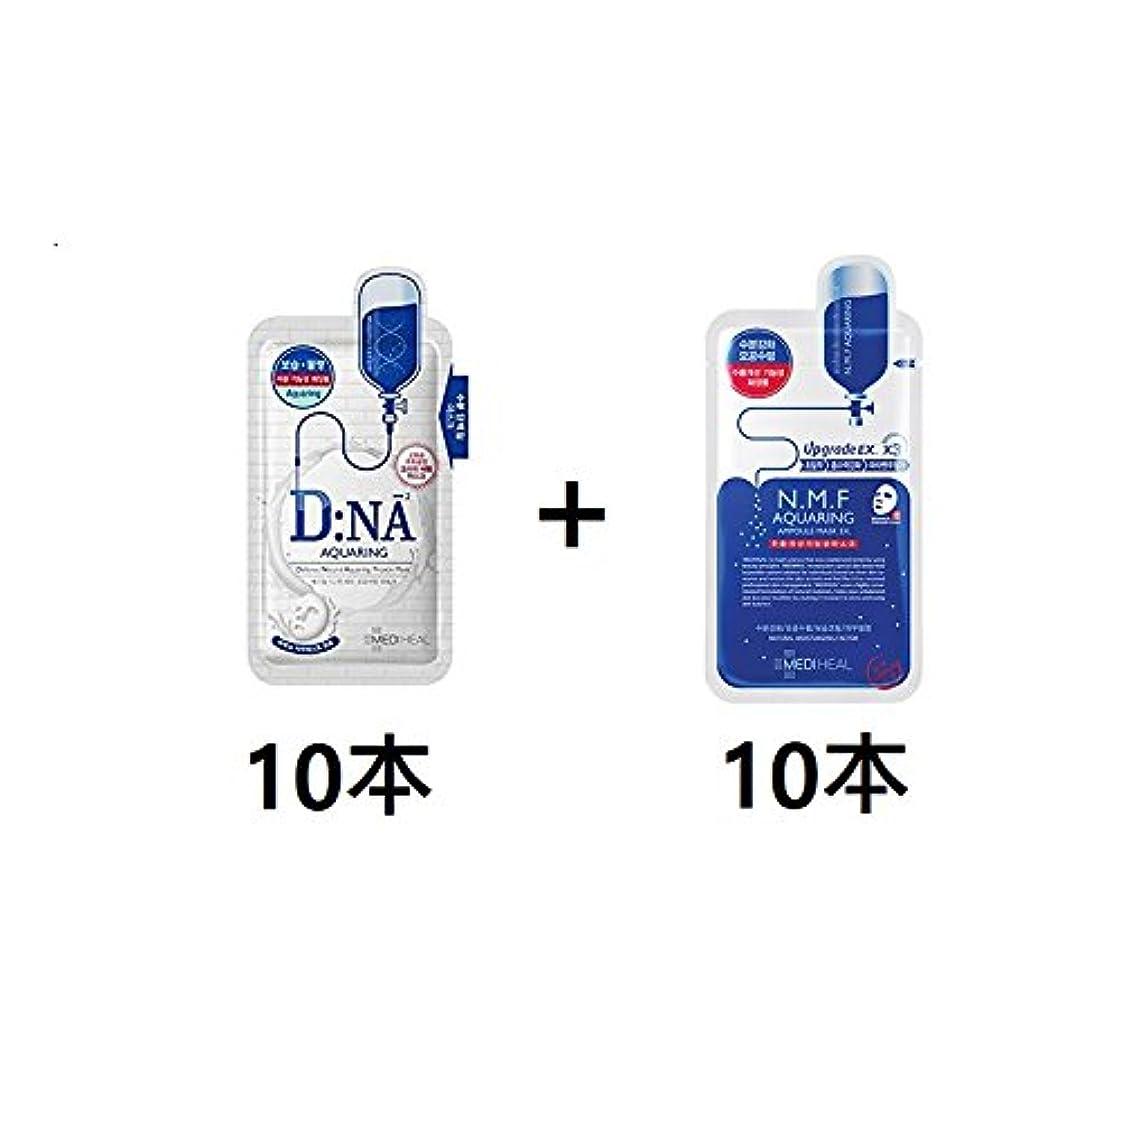 ニュージーランド遺伝子持っている[10+10] [メディヒール] Mediheal [N.M.F アクアリング アンプルマスク EX (10枚)] + Mediheal DNA [プロアチン マスクパック (アクアリング) (10枚) ] [並行輸入品]